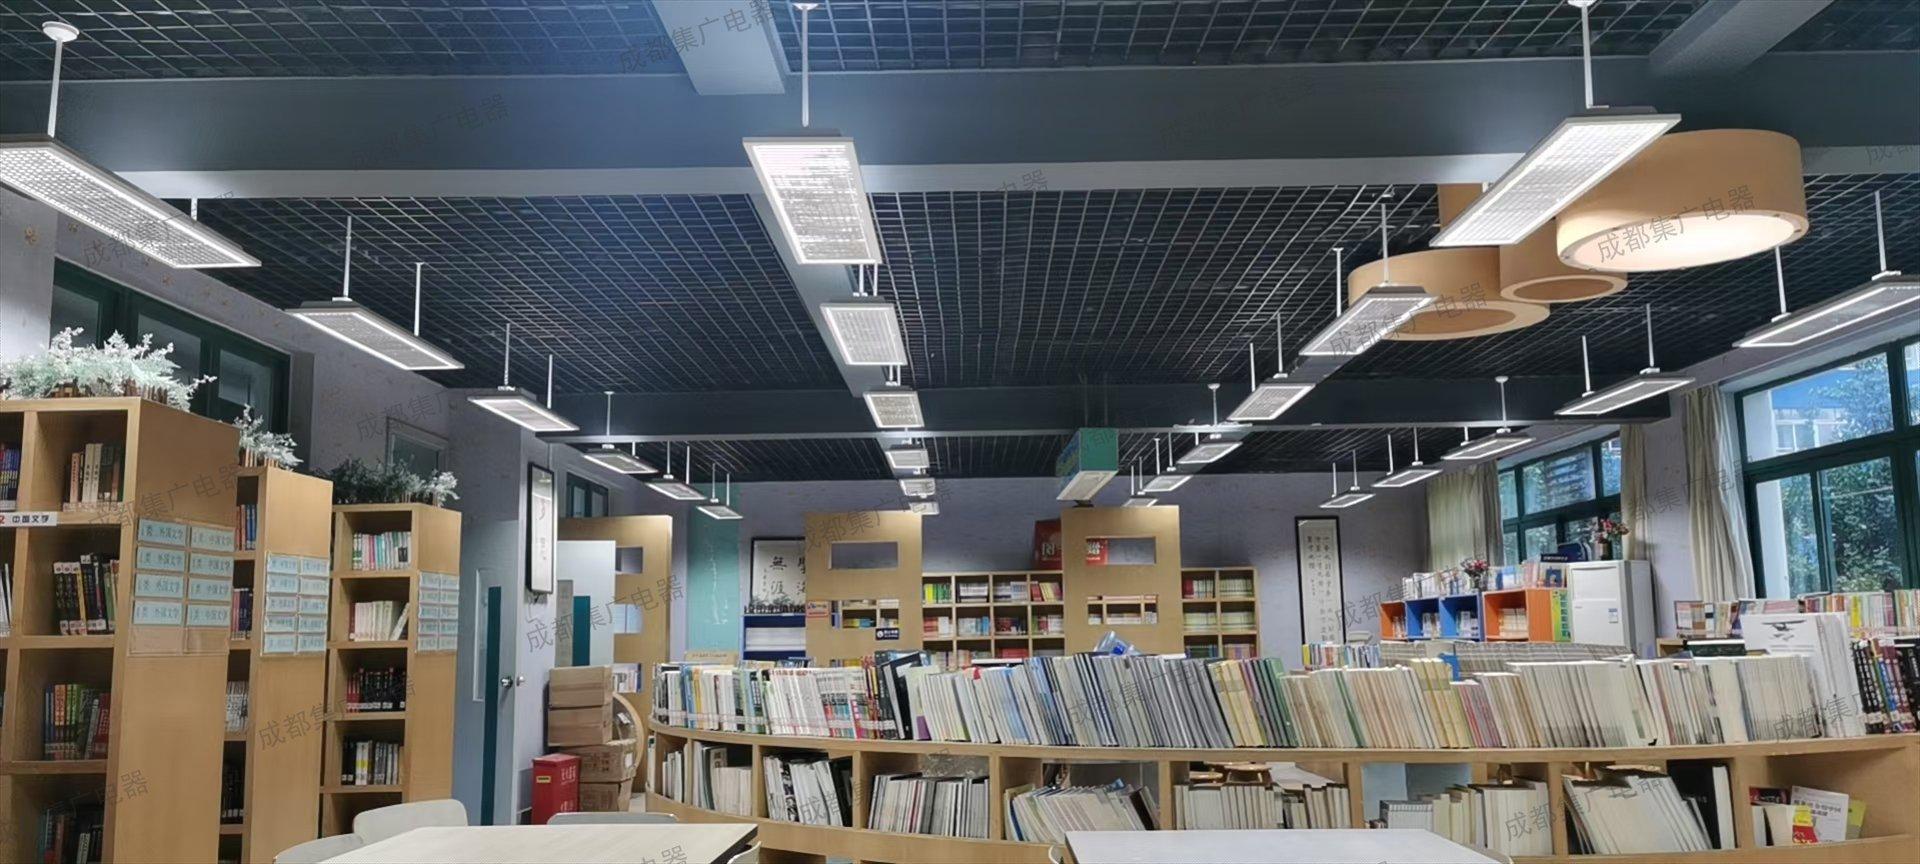 成都集广LED教室灯更换后